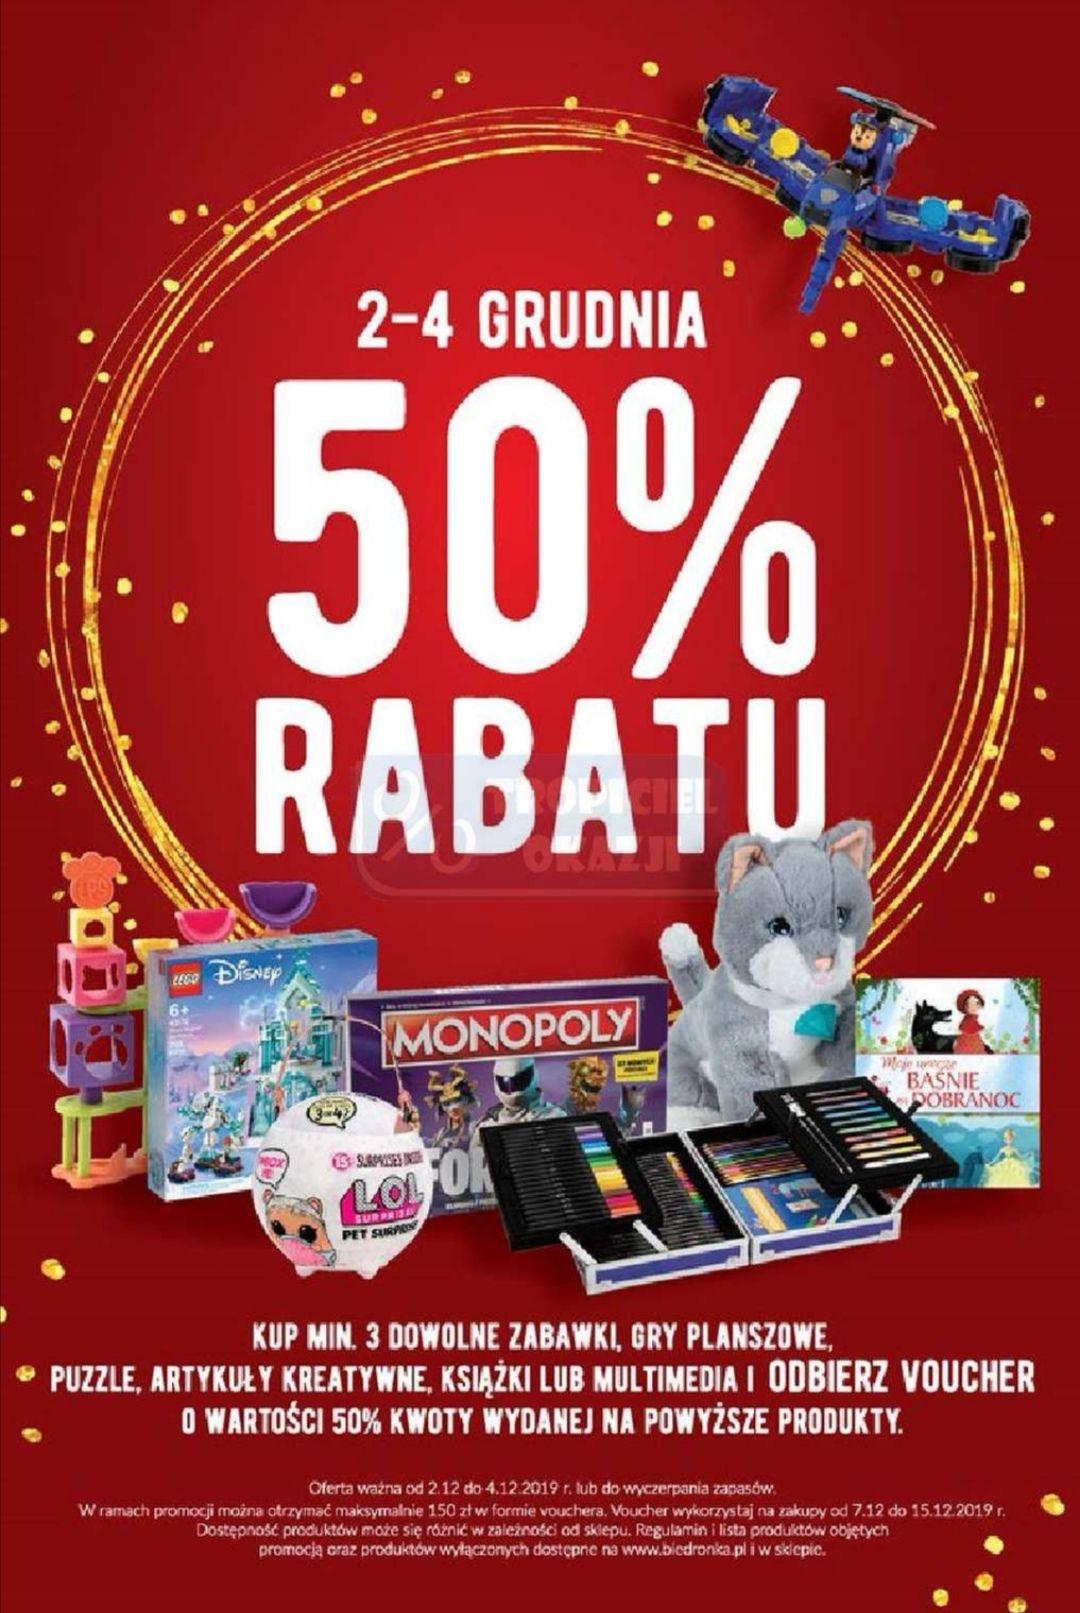 Biedronka. Kup minimum 3 zabawki, książki, multimedia i odbierz voucher o wartości 50% kwoty wydanej